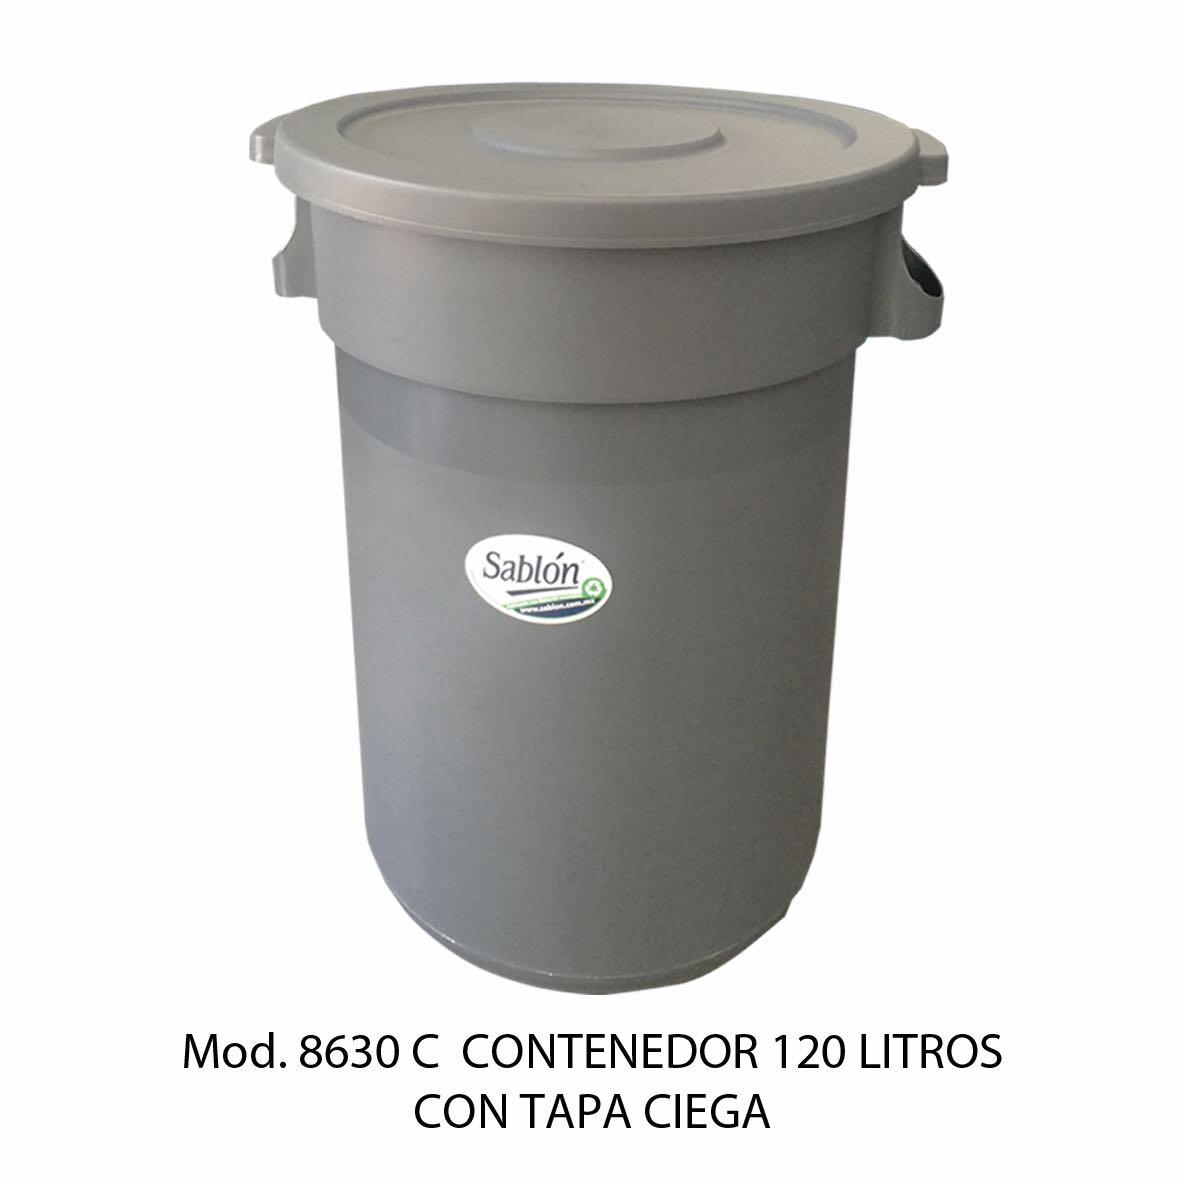 Contenedor para basura de 120 litros con tapa ciega - Modelo 8630 C - Sablón